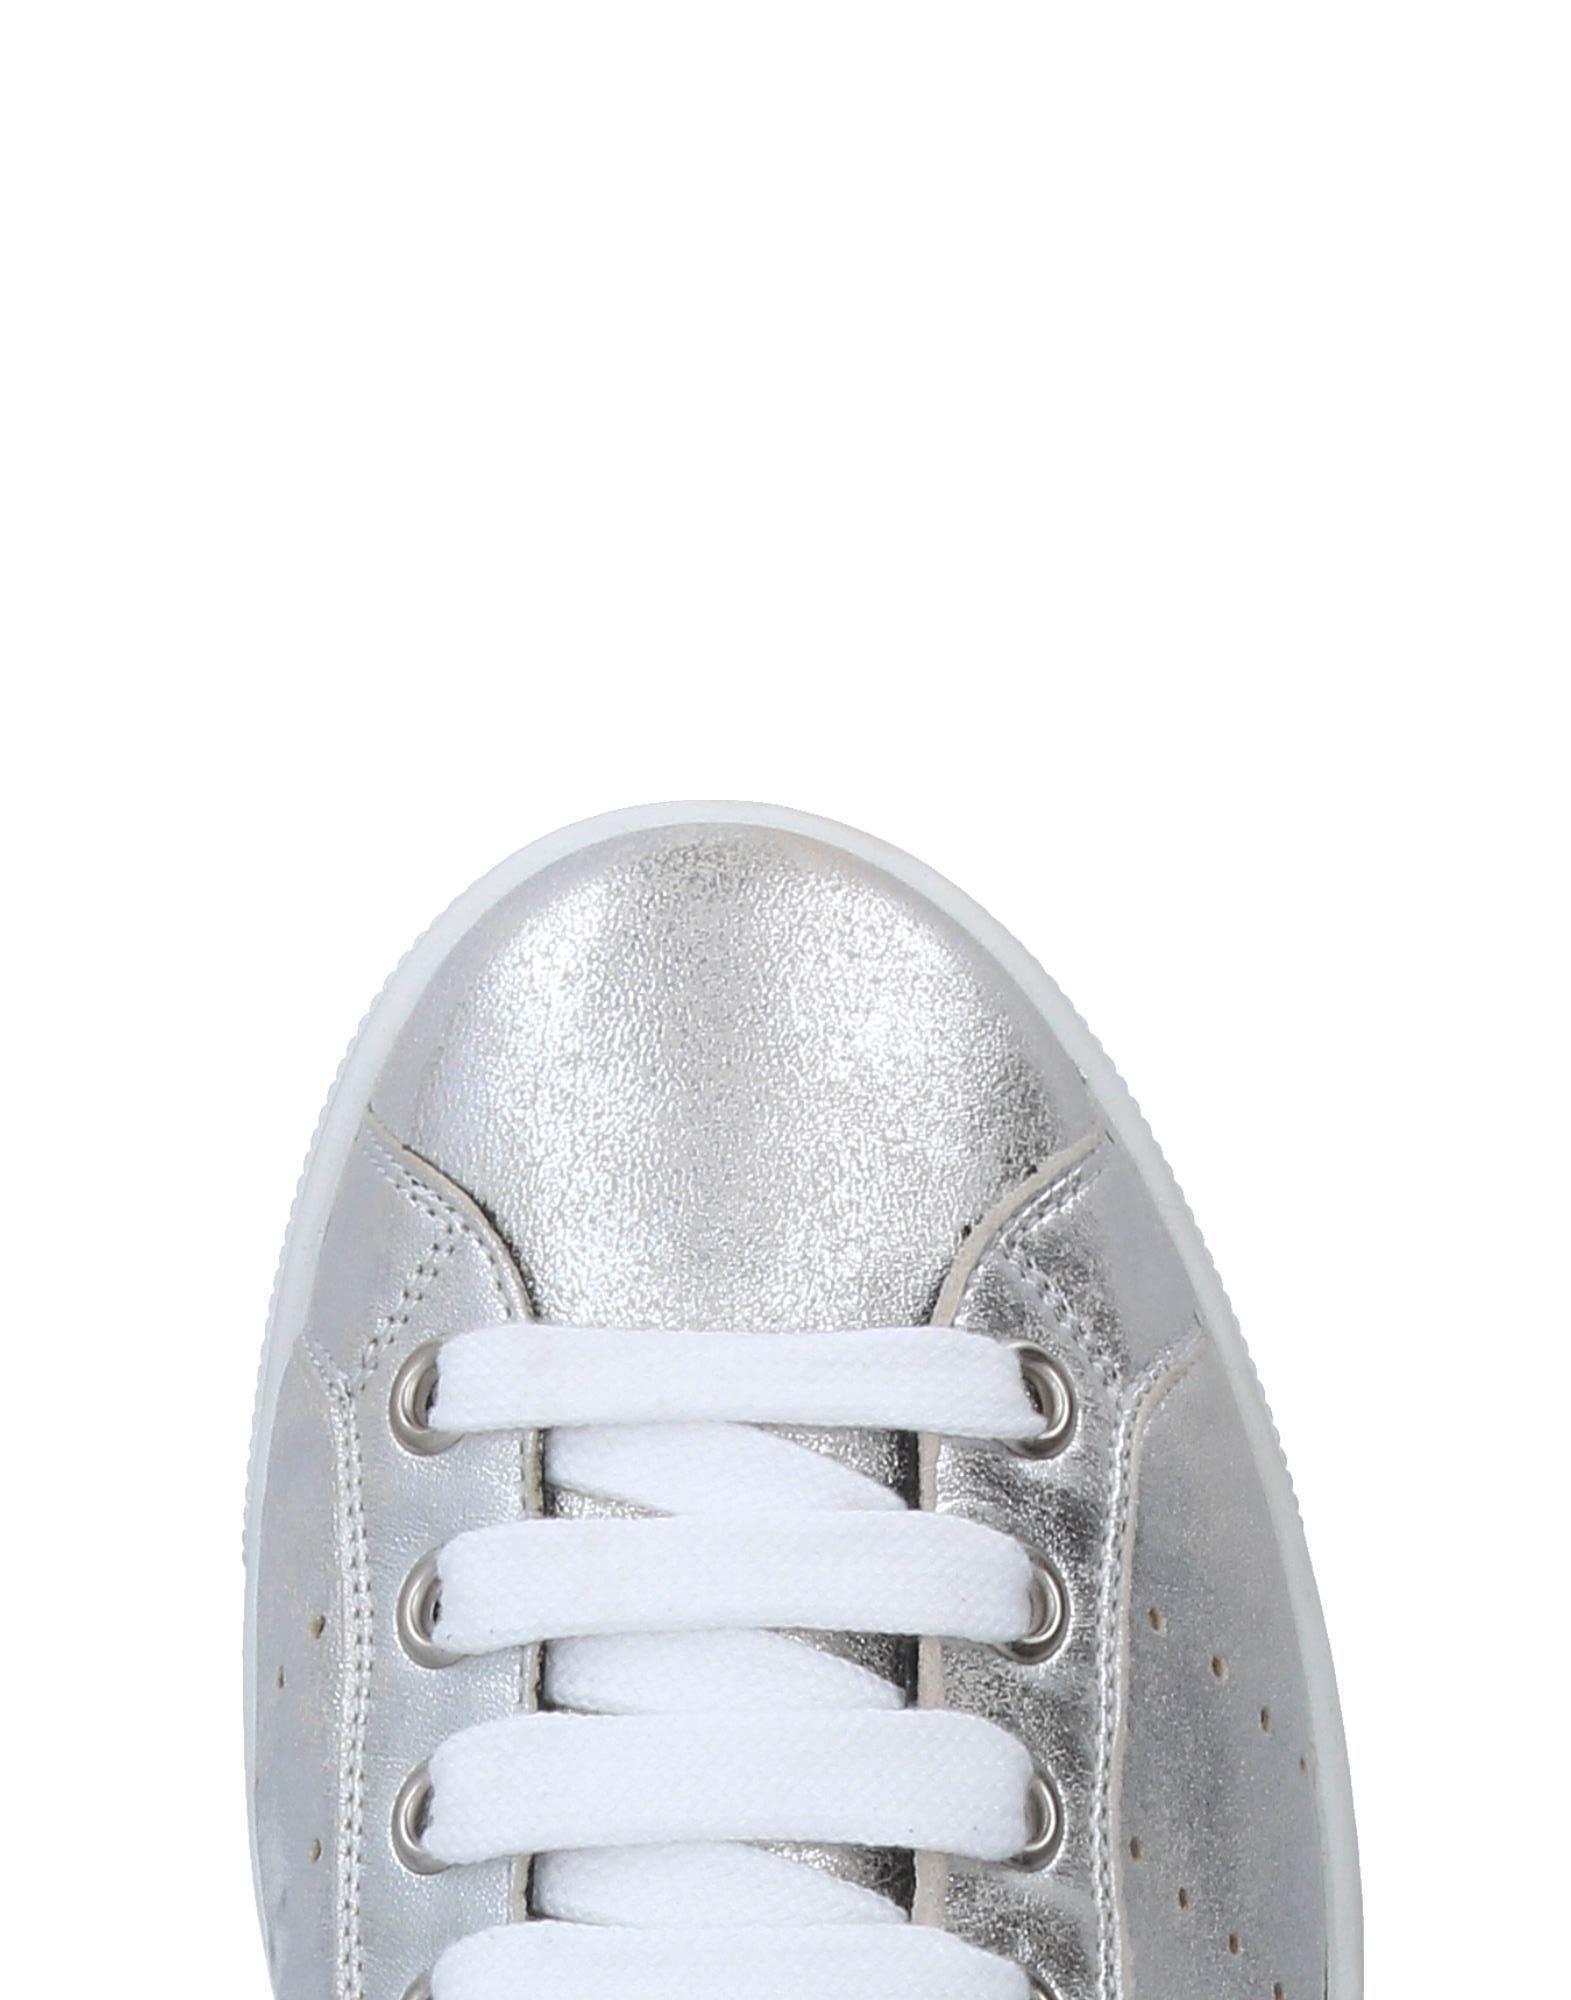 Dsquared2 Sneakers Herren   Herren 11271318BT Gute Qualität beliebte Schuhe 31b196